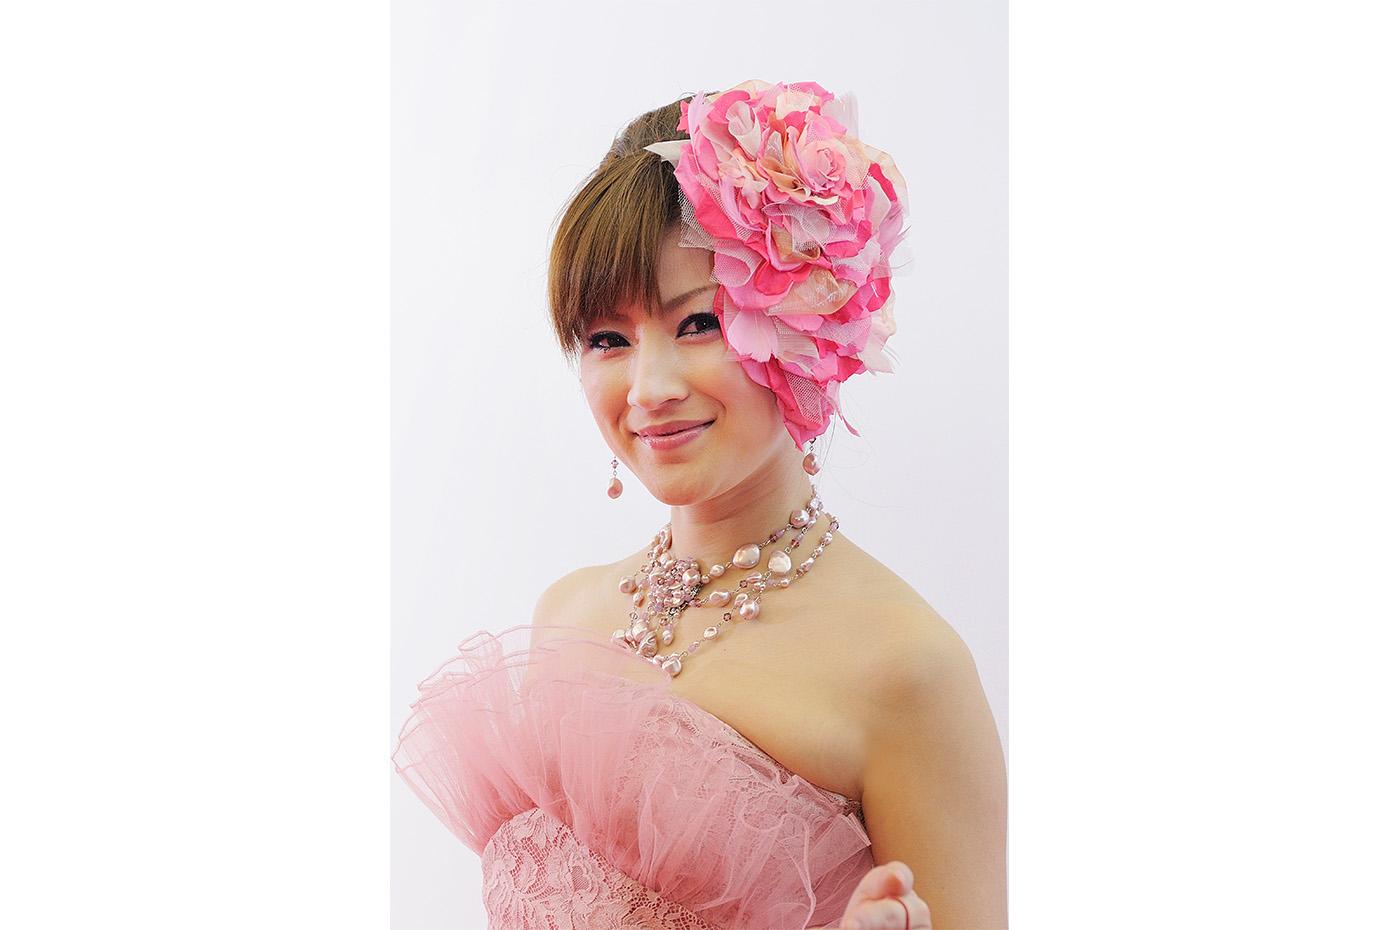 「日本フラワーデザイン大賞2011」でのピンクを基調としたヘッドドレス